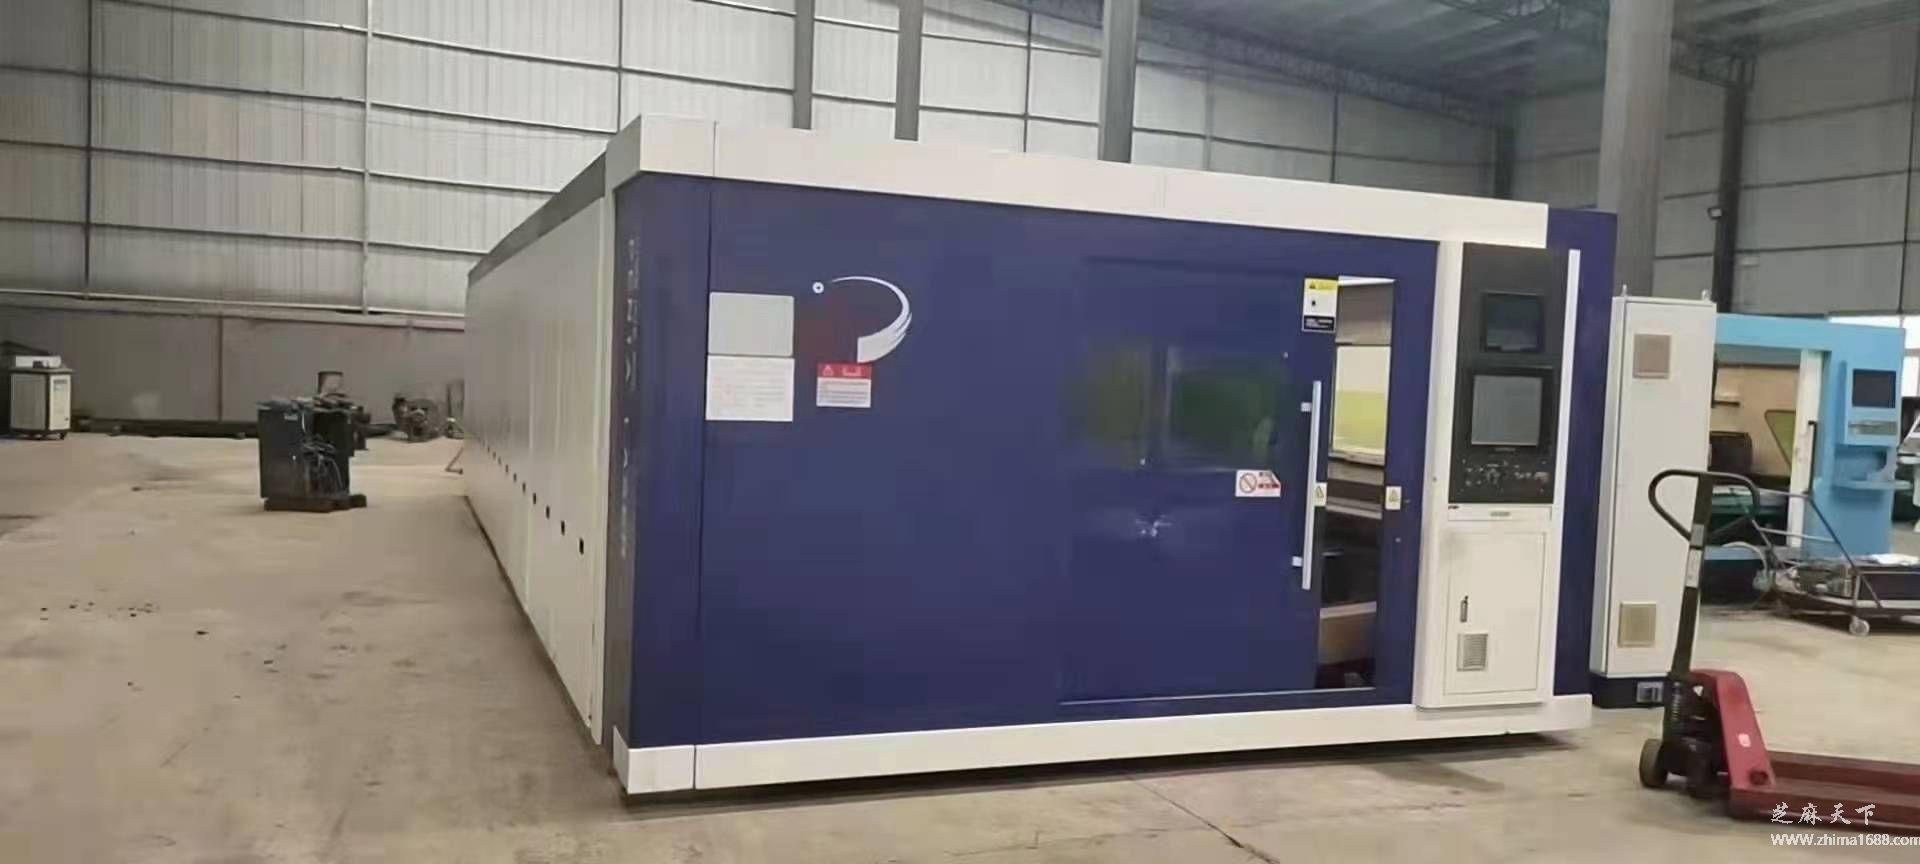 二手奔腾PLUS8025数控光纤激光切割机(12000瓦)